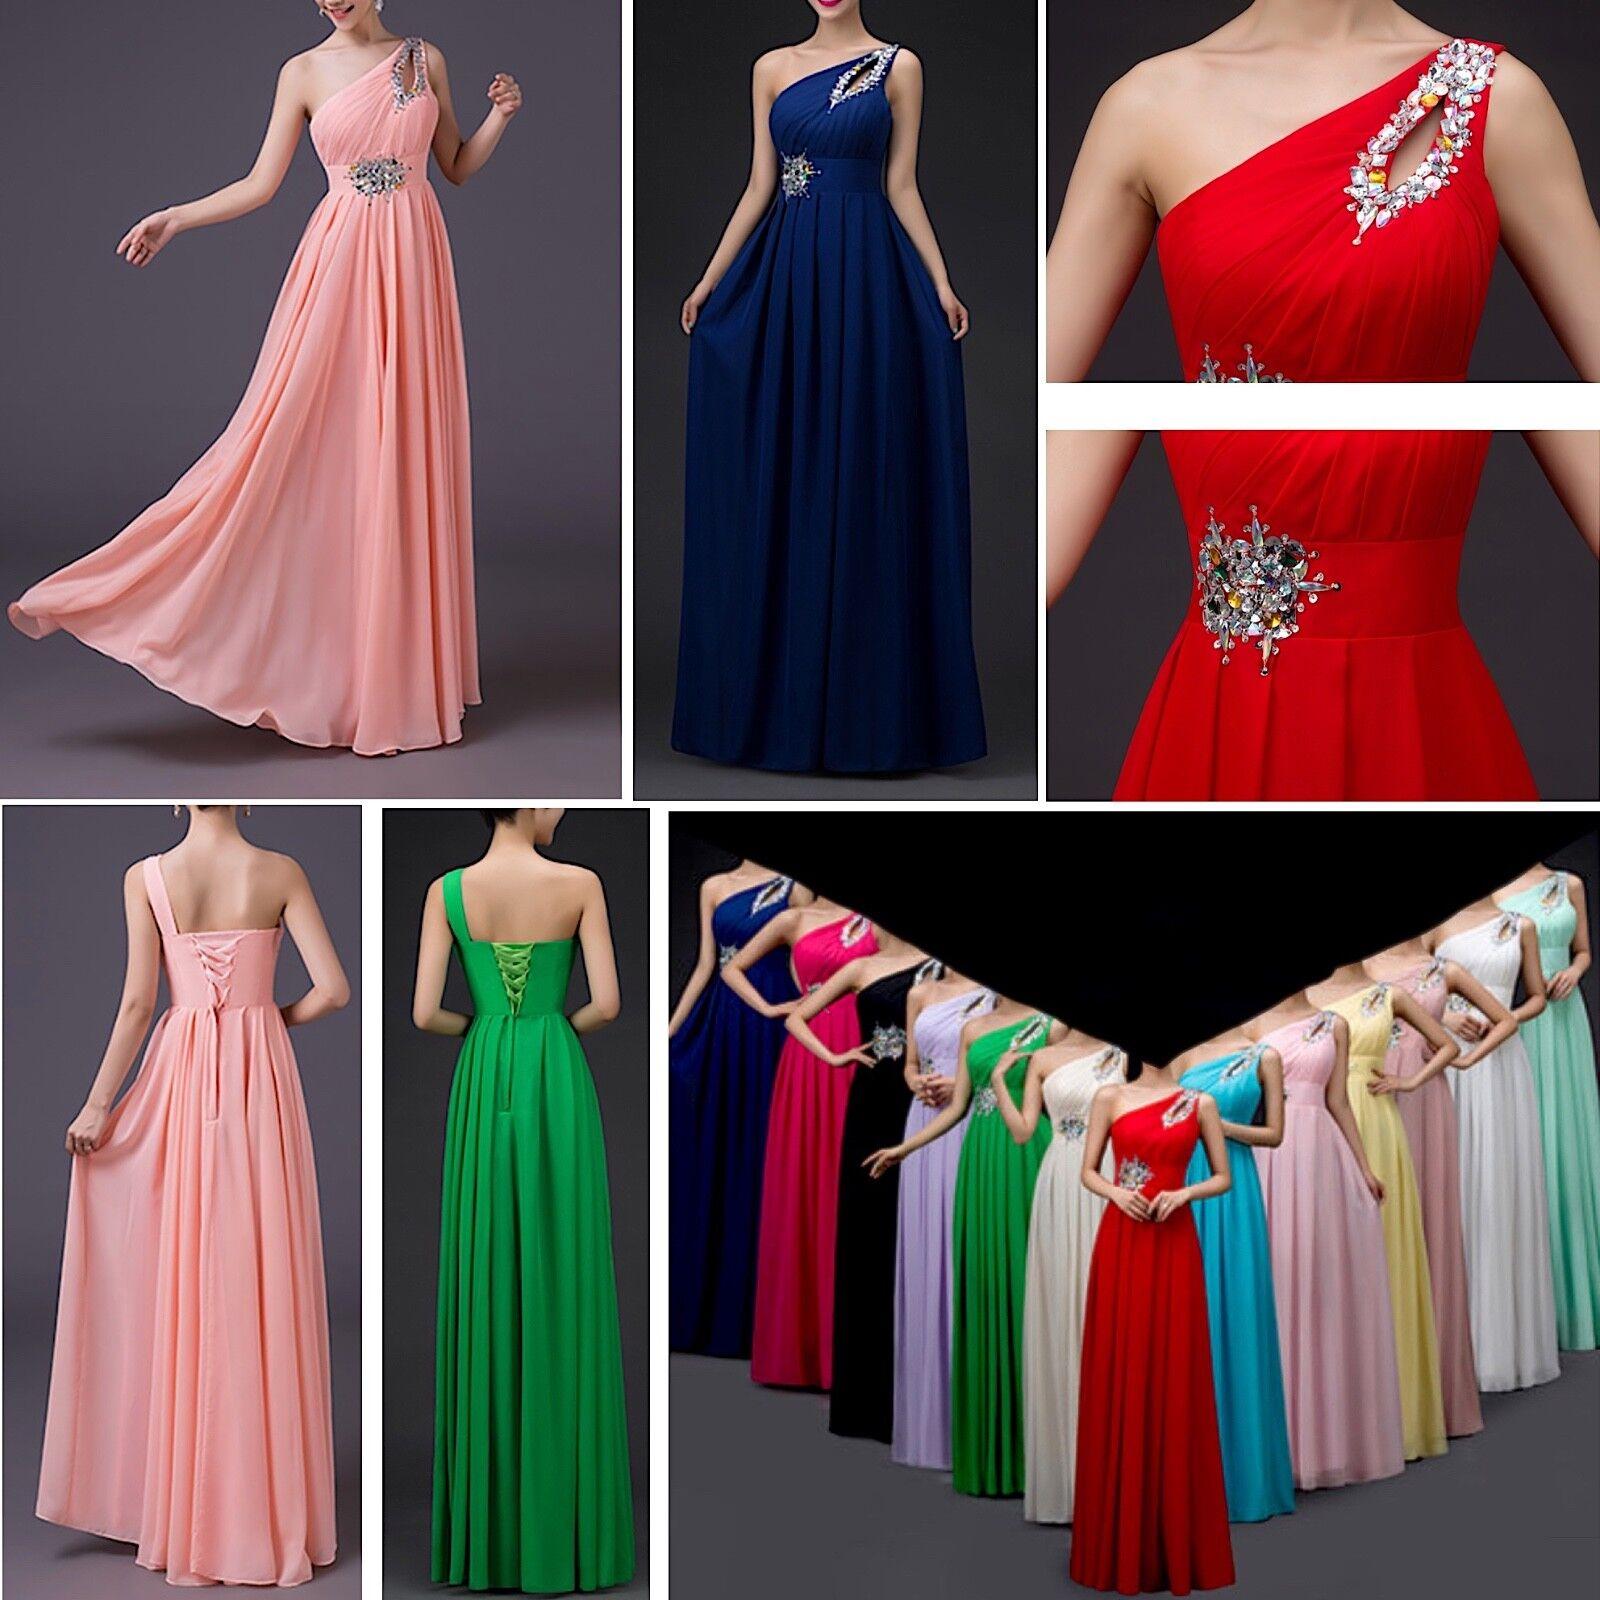 Vestito Lungo Cerimonia Damigella Sposa Bridesmaid Maxi Party Dress  NCE004  Tu satisfacción es nuestro objetivo